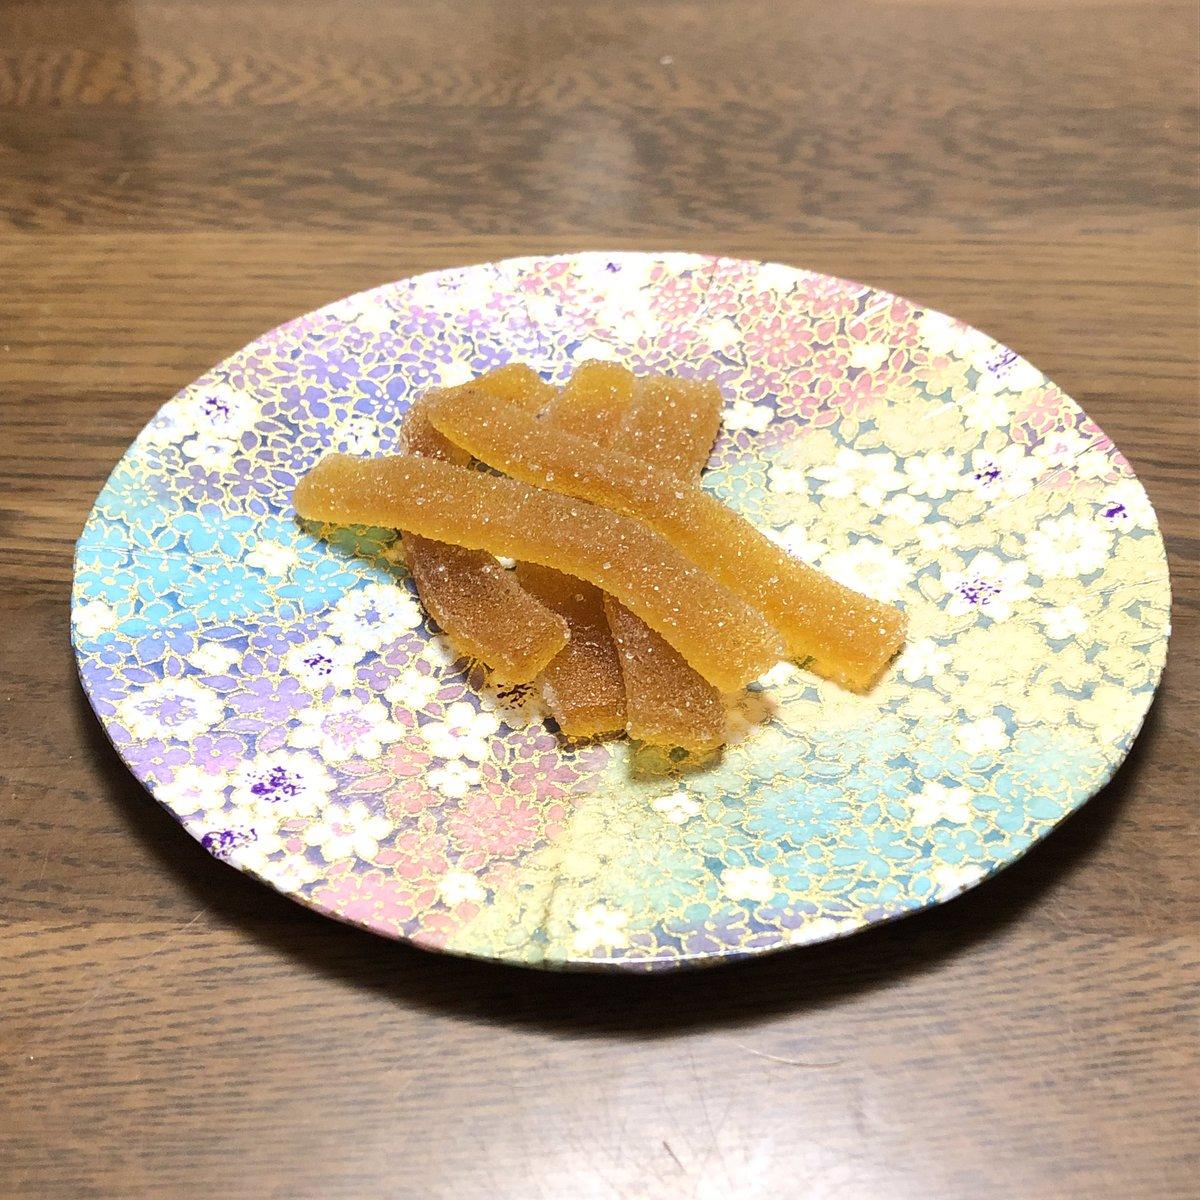 test ツイッターメディア - お菓子を乗せるイメージがわかなかったので、榛原さんで買った千代紙を貼った菓子皿を使ってみました。素朴なお菓子にはいいかもしれませんね。  1枚目の写真のお菓子は山形の佐藤松兵衛商店の梅しぐれ、2枚目の写真のお菓子は松山の山田屋まんじゅうです。… 続き→ https://t.co/L8sYATWU7d https://t.co/0mIXa1WsgR